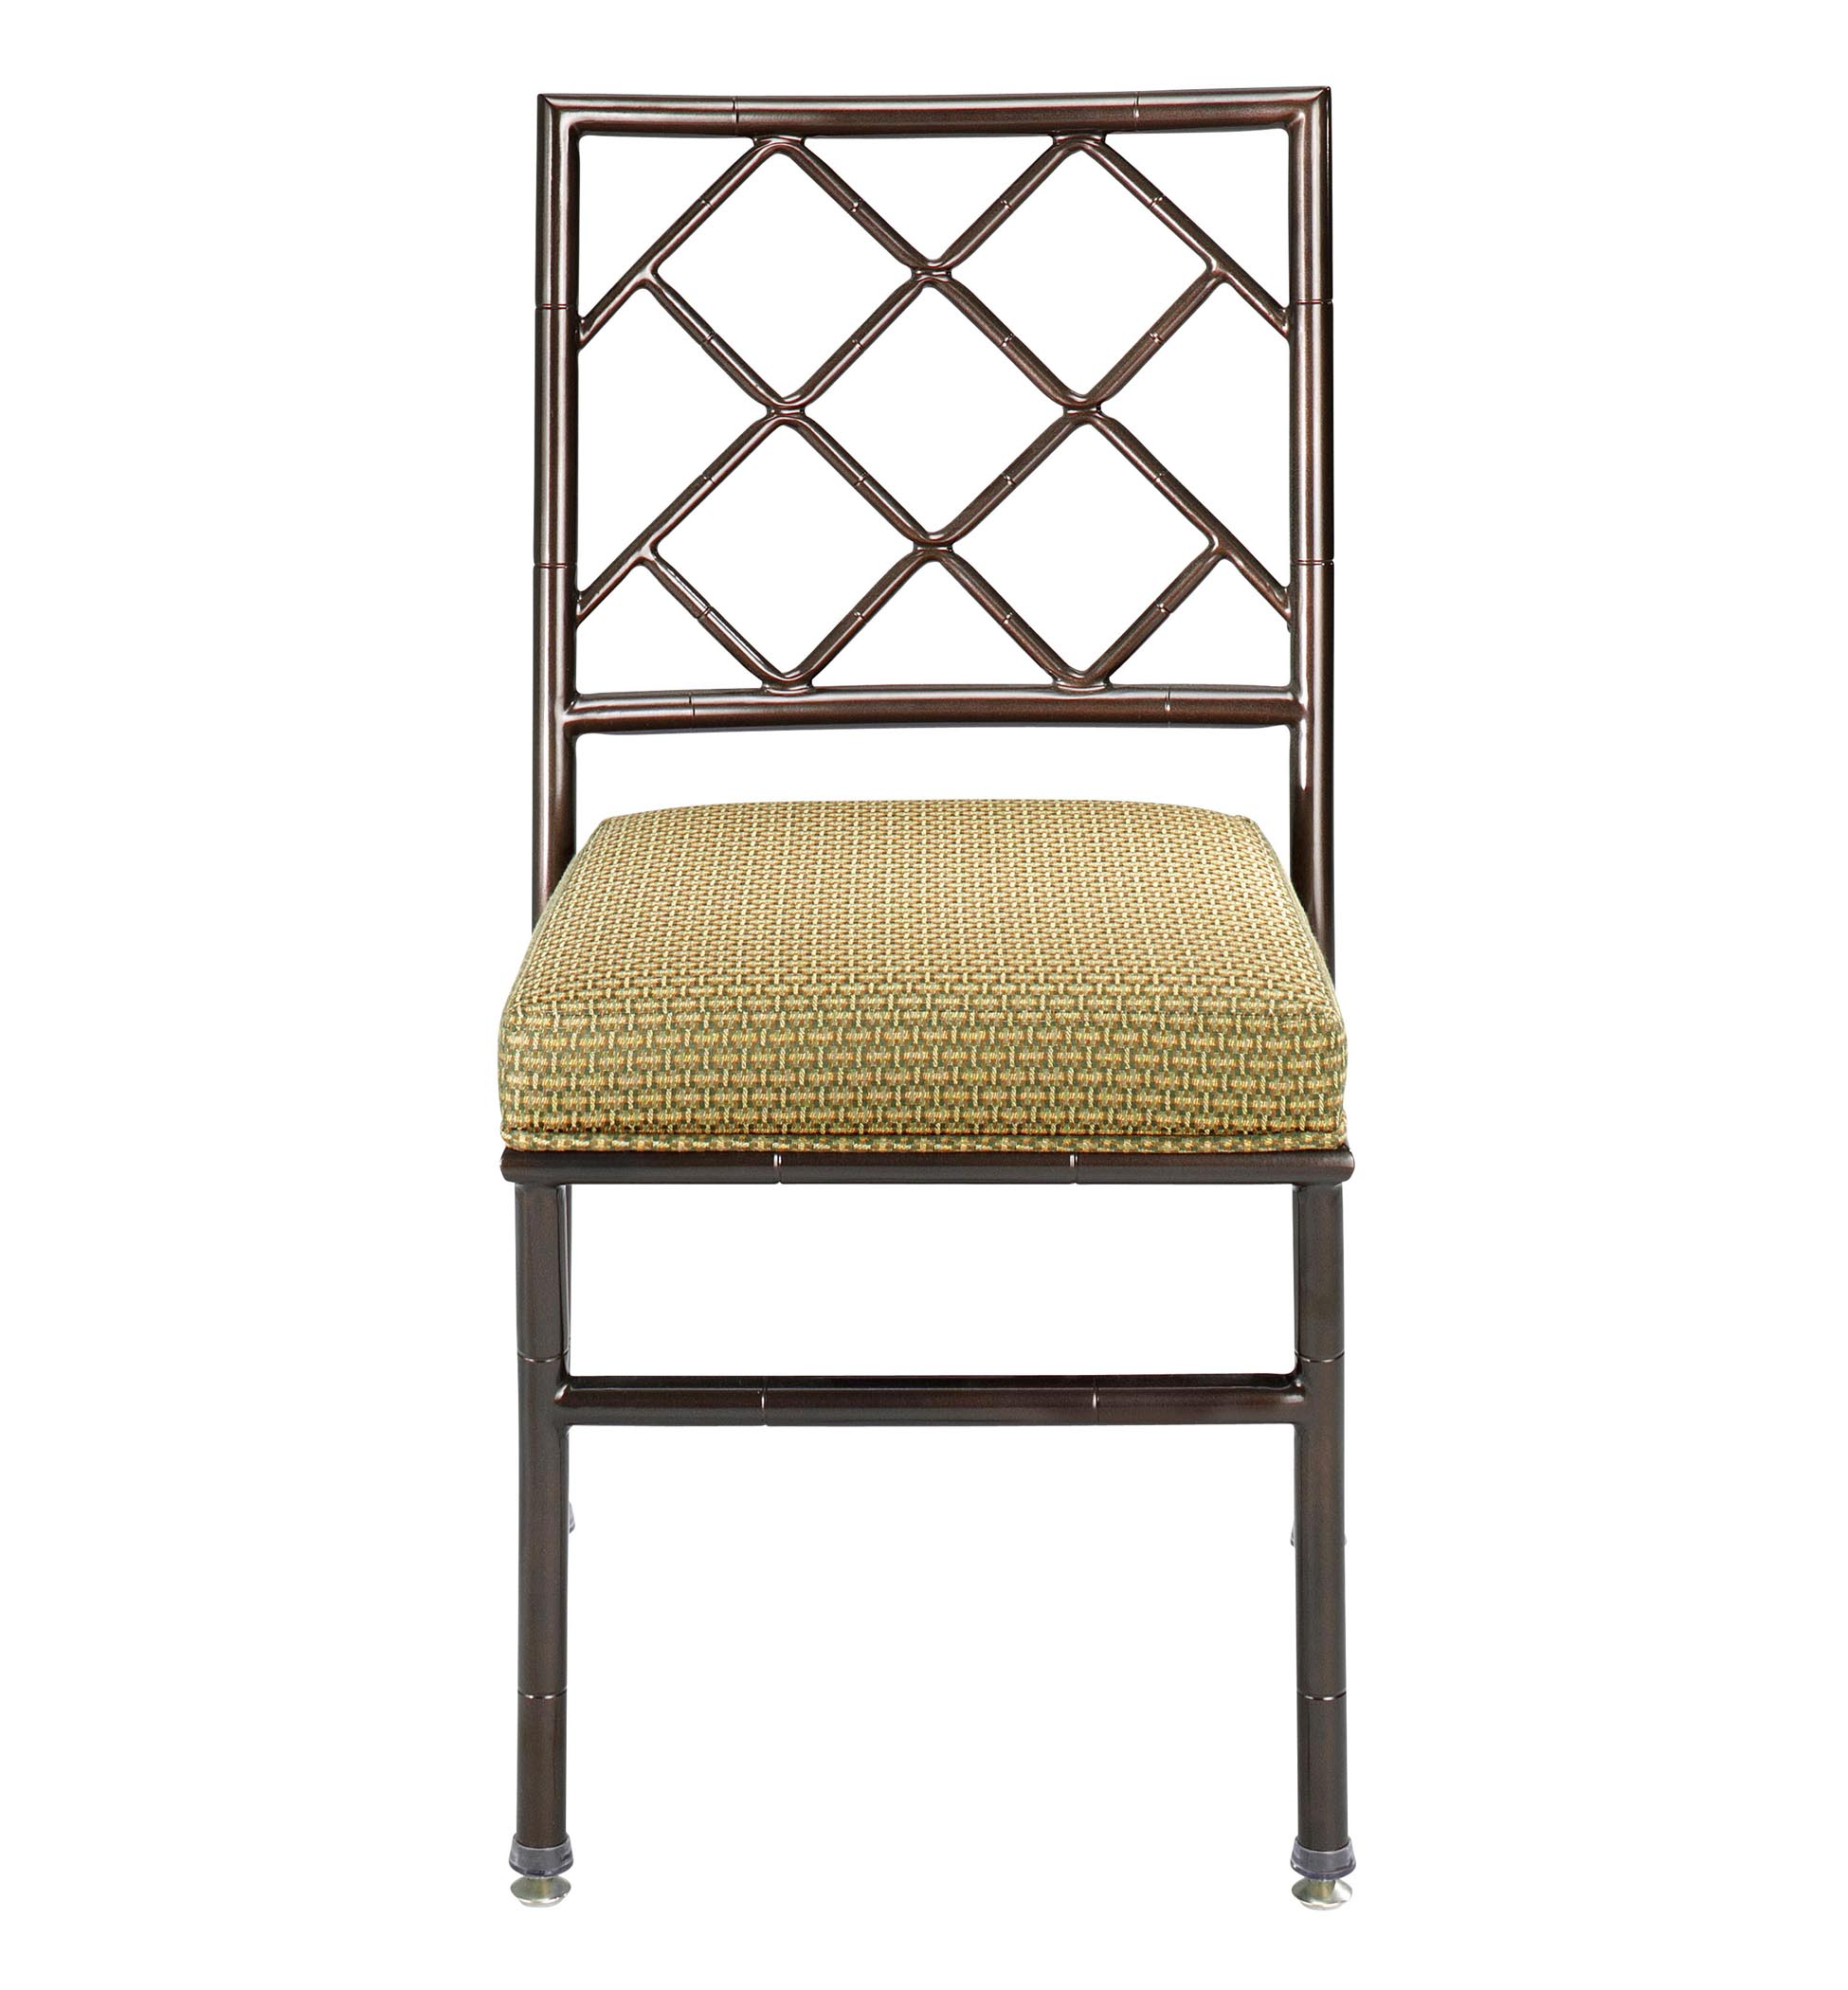 9620 Steel Banquet Chair